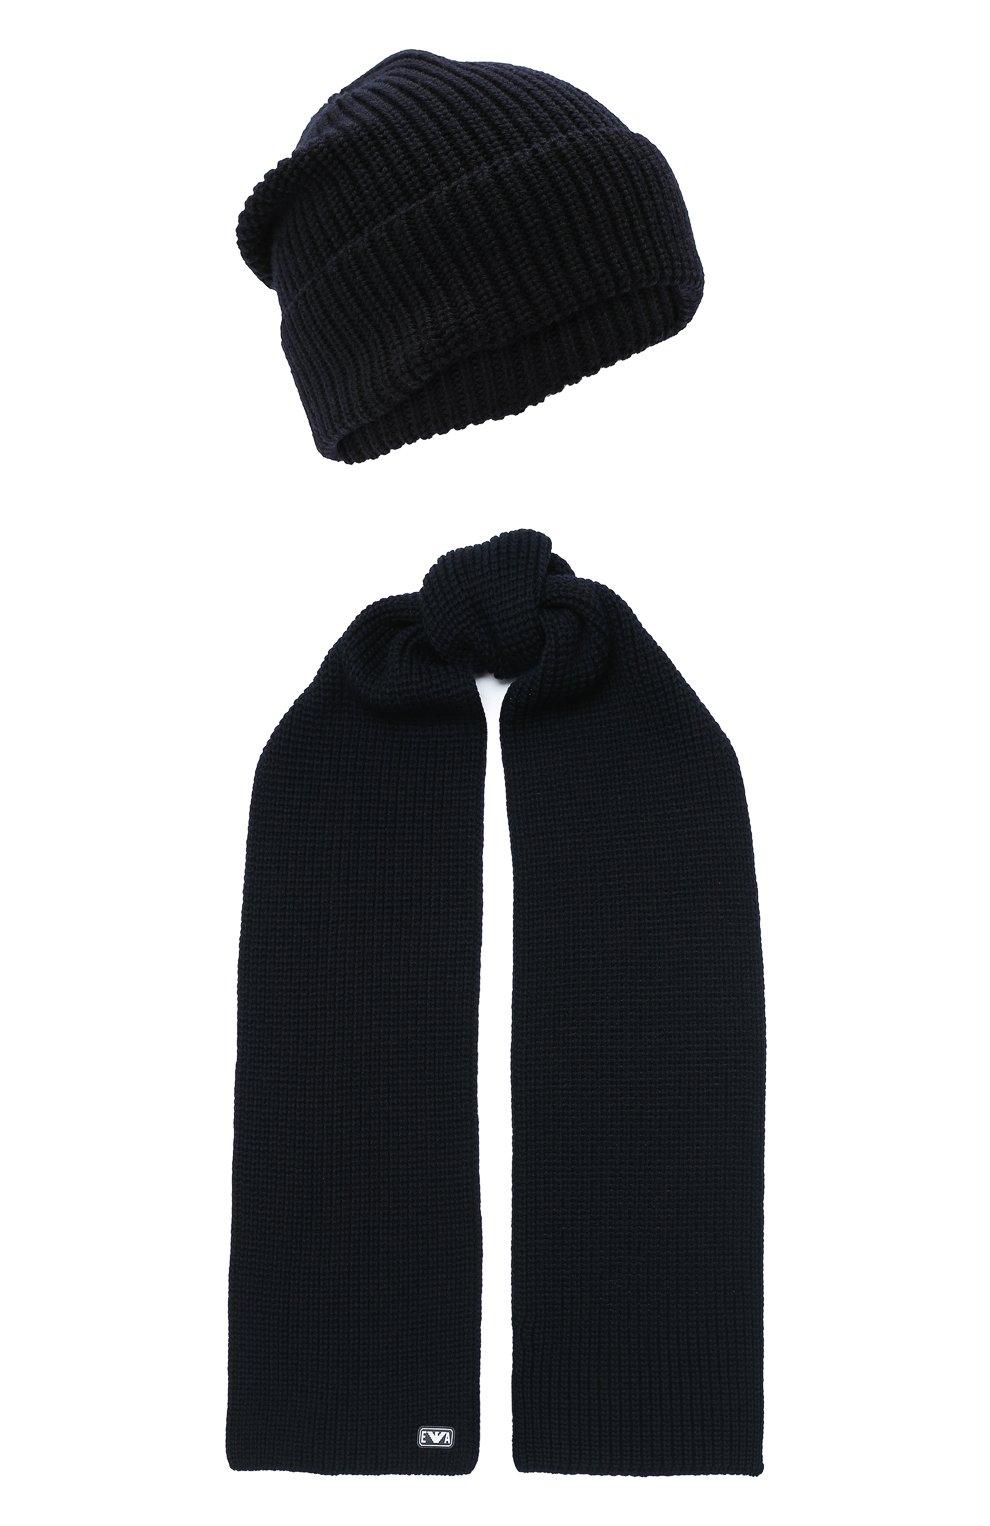 Детский комплект из шапки и шарфа EMPORIO ARMANI темно-синего цвета, арт. 407511/0A759 | Фото 1 (Материал: Шерсть)